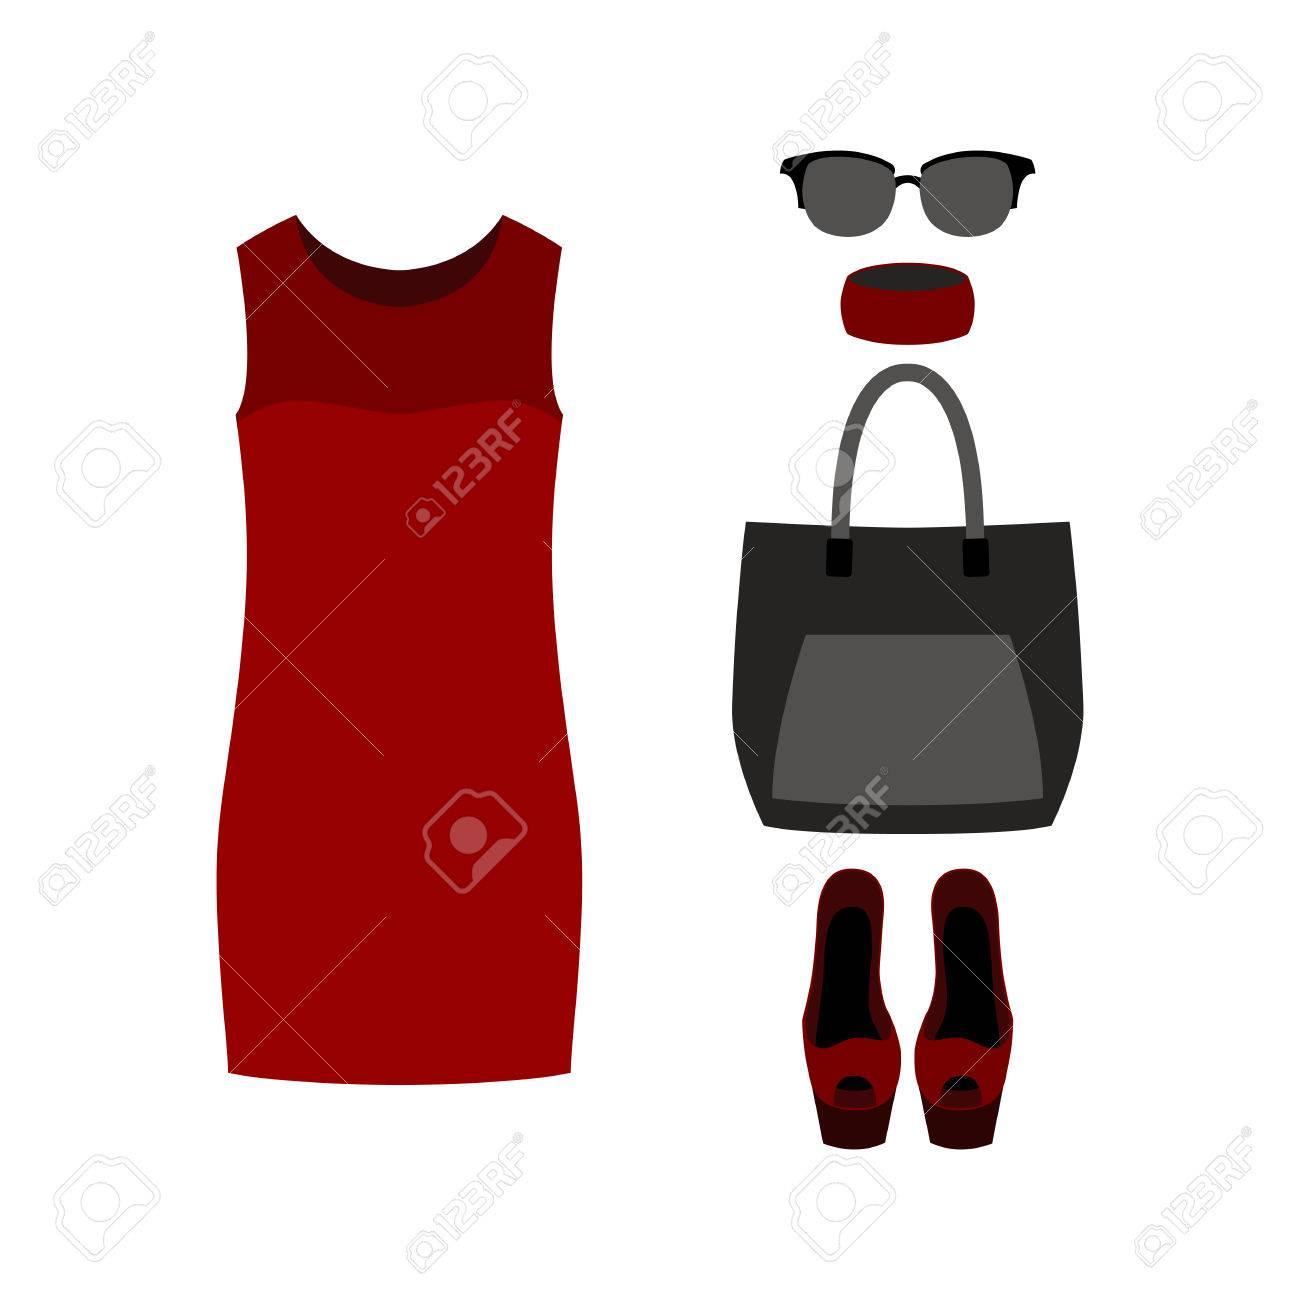 97138b8eda Banque d\u0027images , Ensemble de vêtements pour femmes à la mode avec une  robe rouge et accessoires. Vector illustration ...